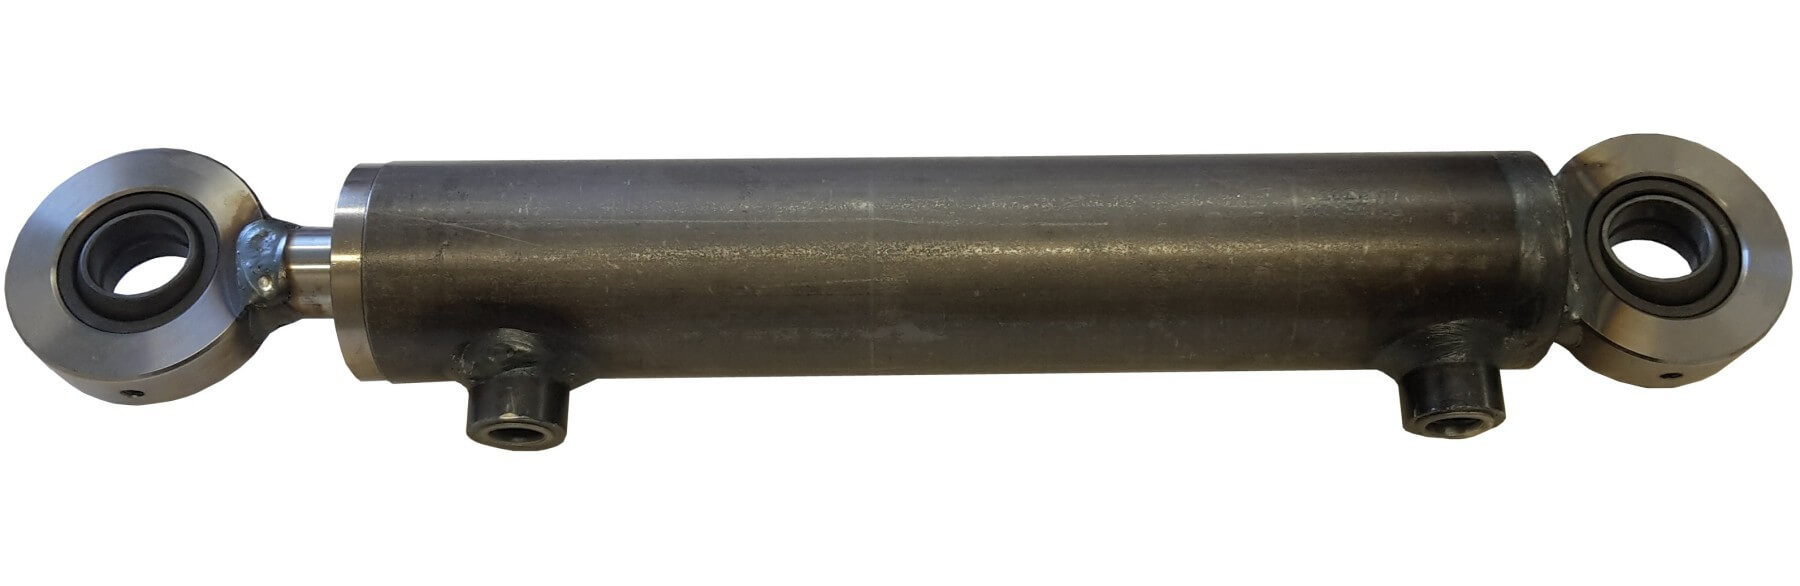 Hydraulisylinteri CL 40. 20. 100 GE - Kailatec Oy Verkkokauppa